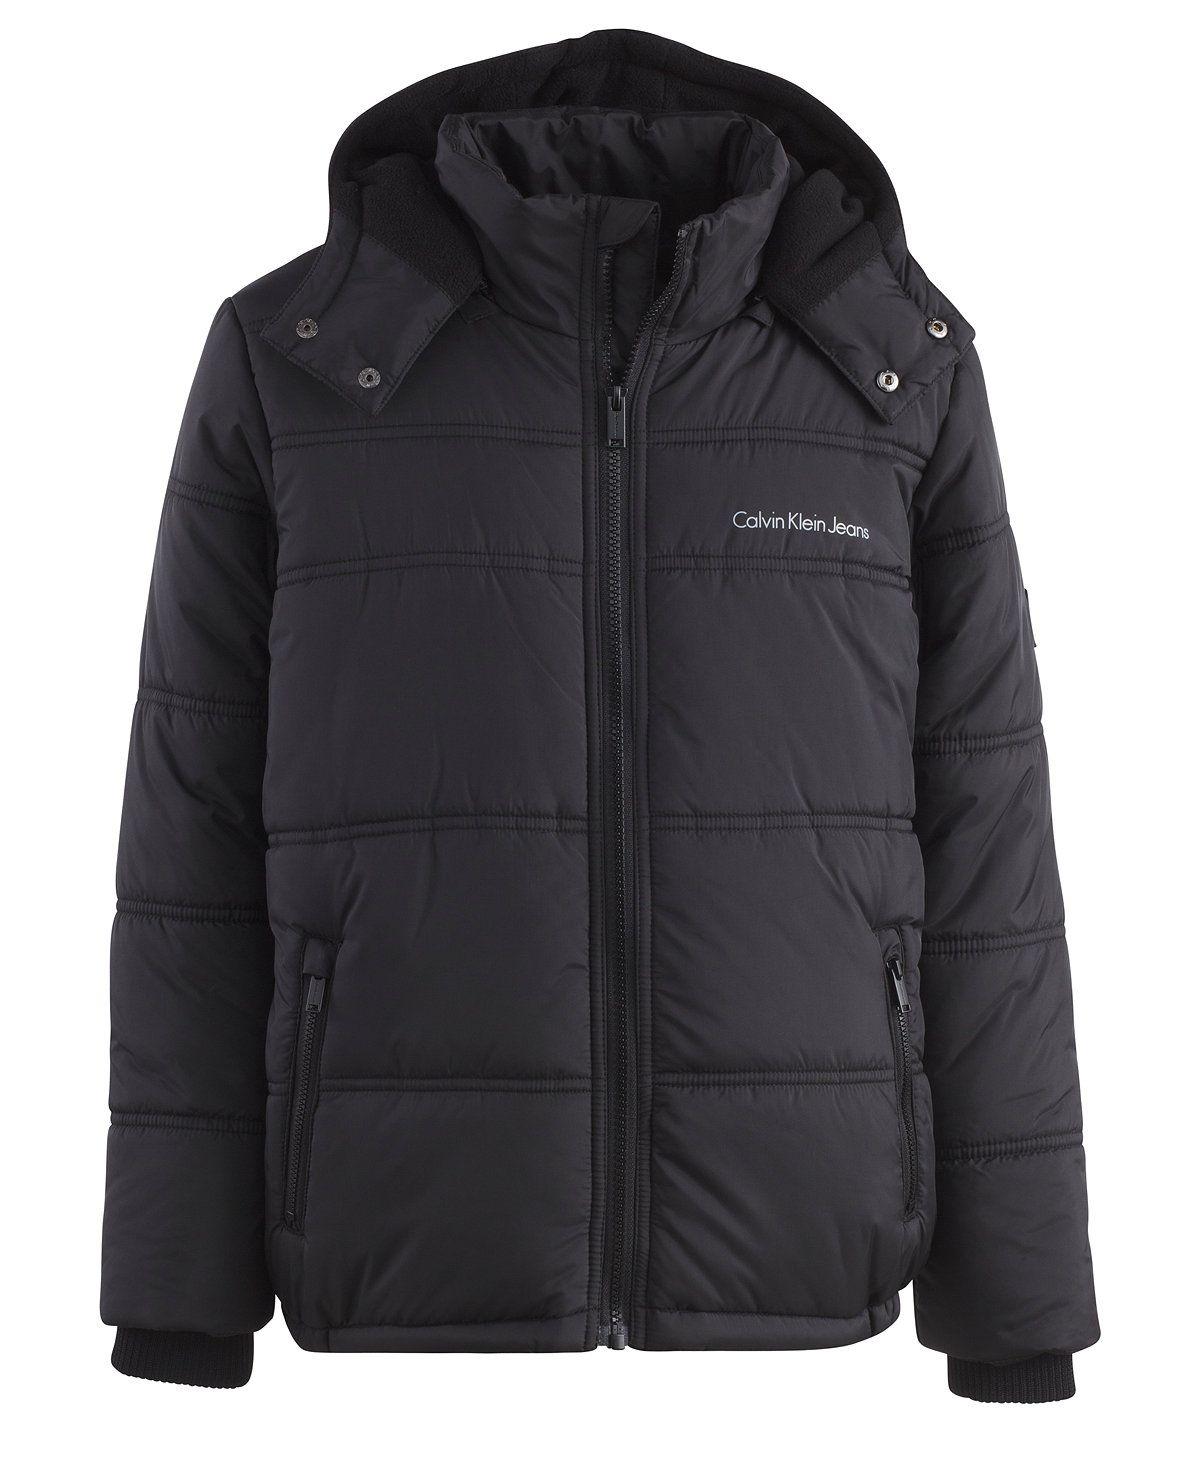 0d16ce83e Calvin Klein Eclipse Hooded Puffer Jacket, Toddler Boys & Little ...